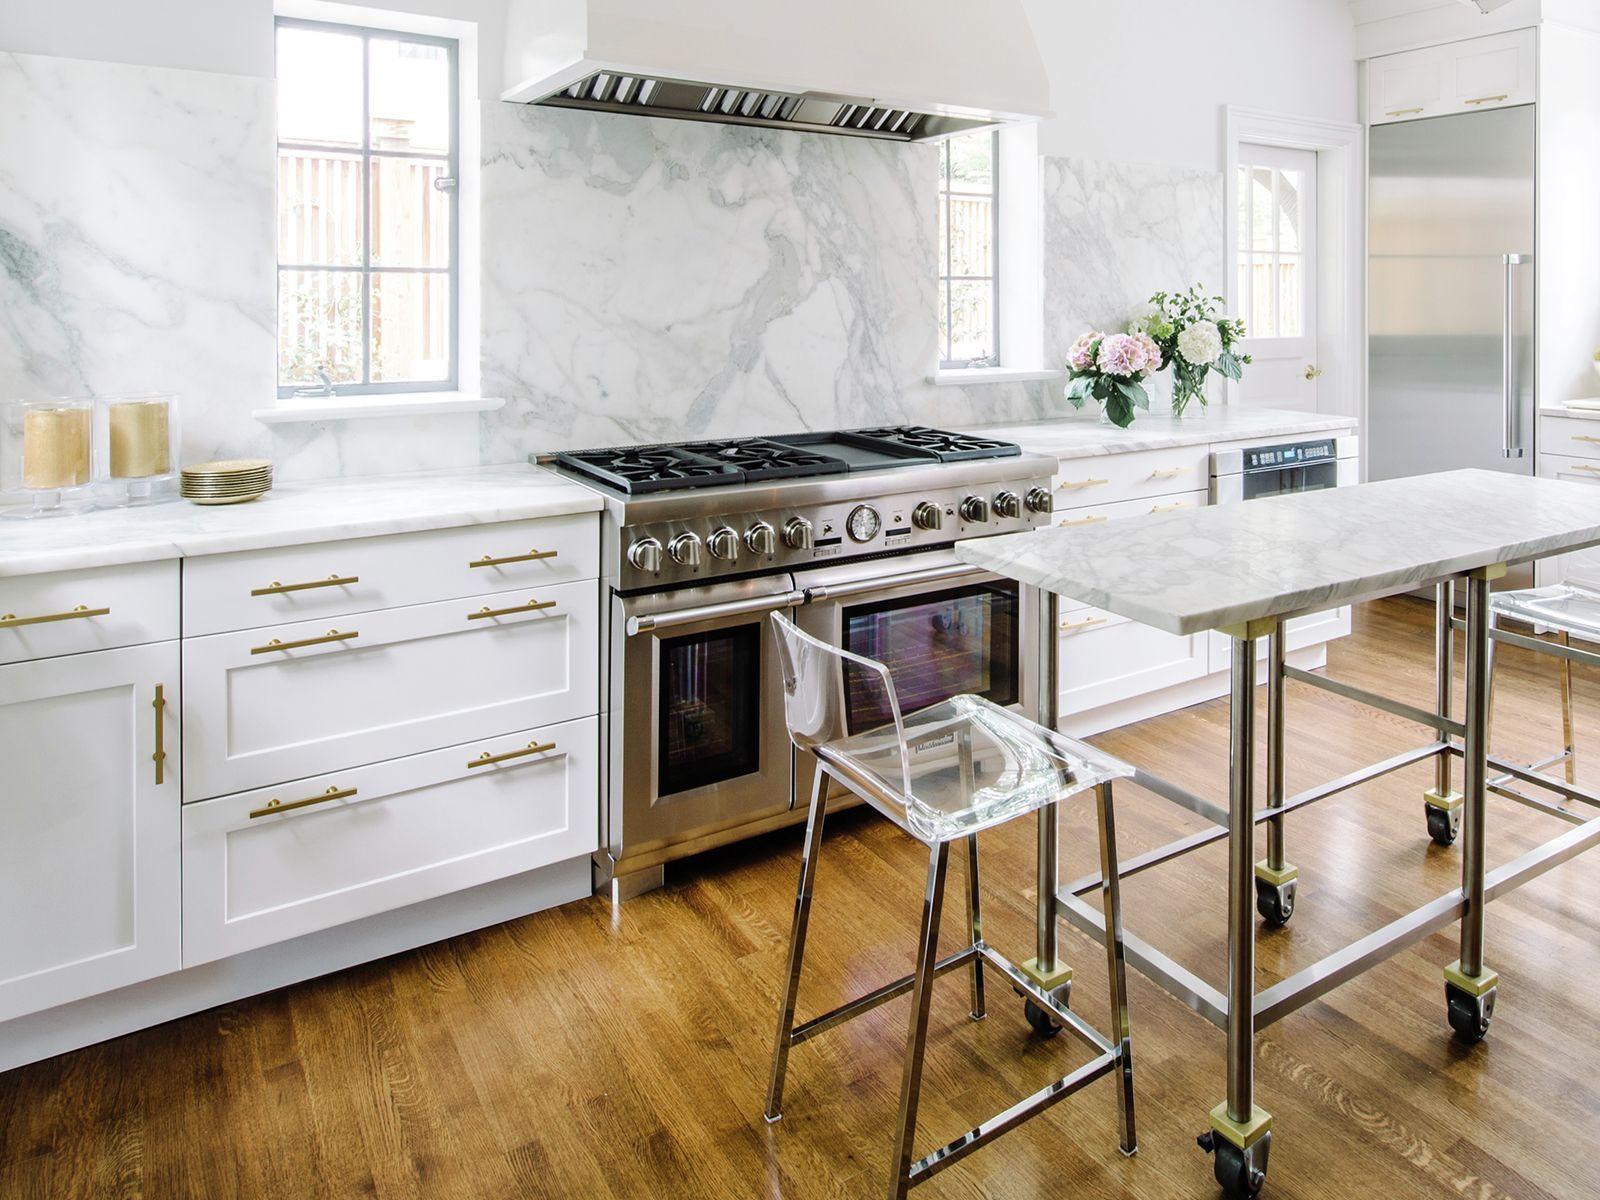 48 Inch Range White Marble Clear Chairs Kitchen Kitchen